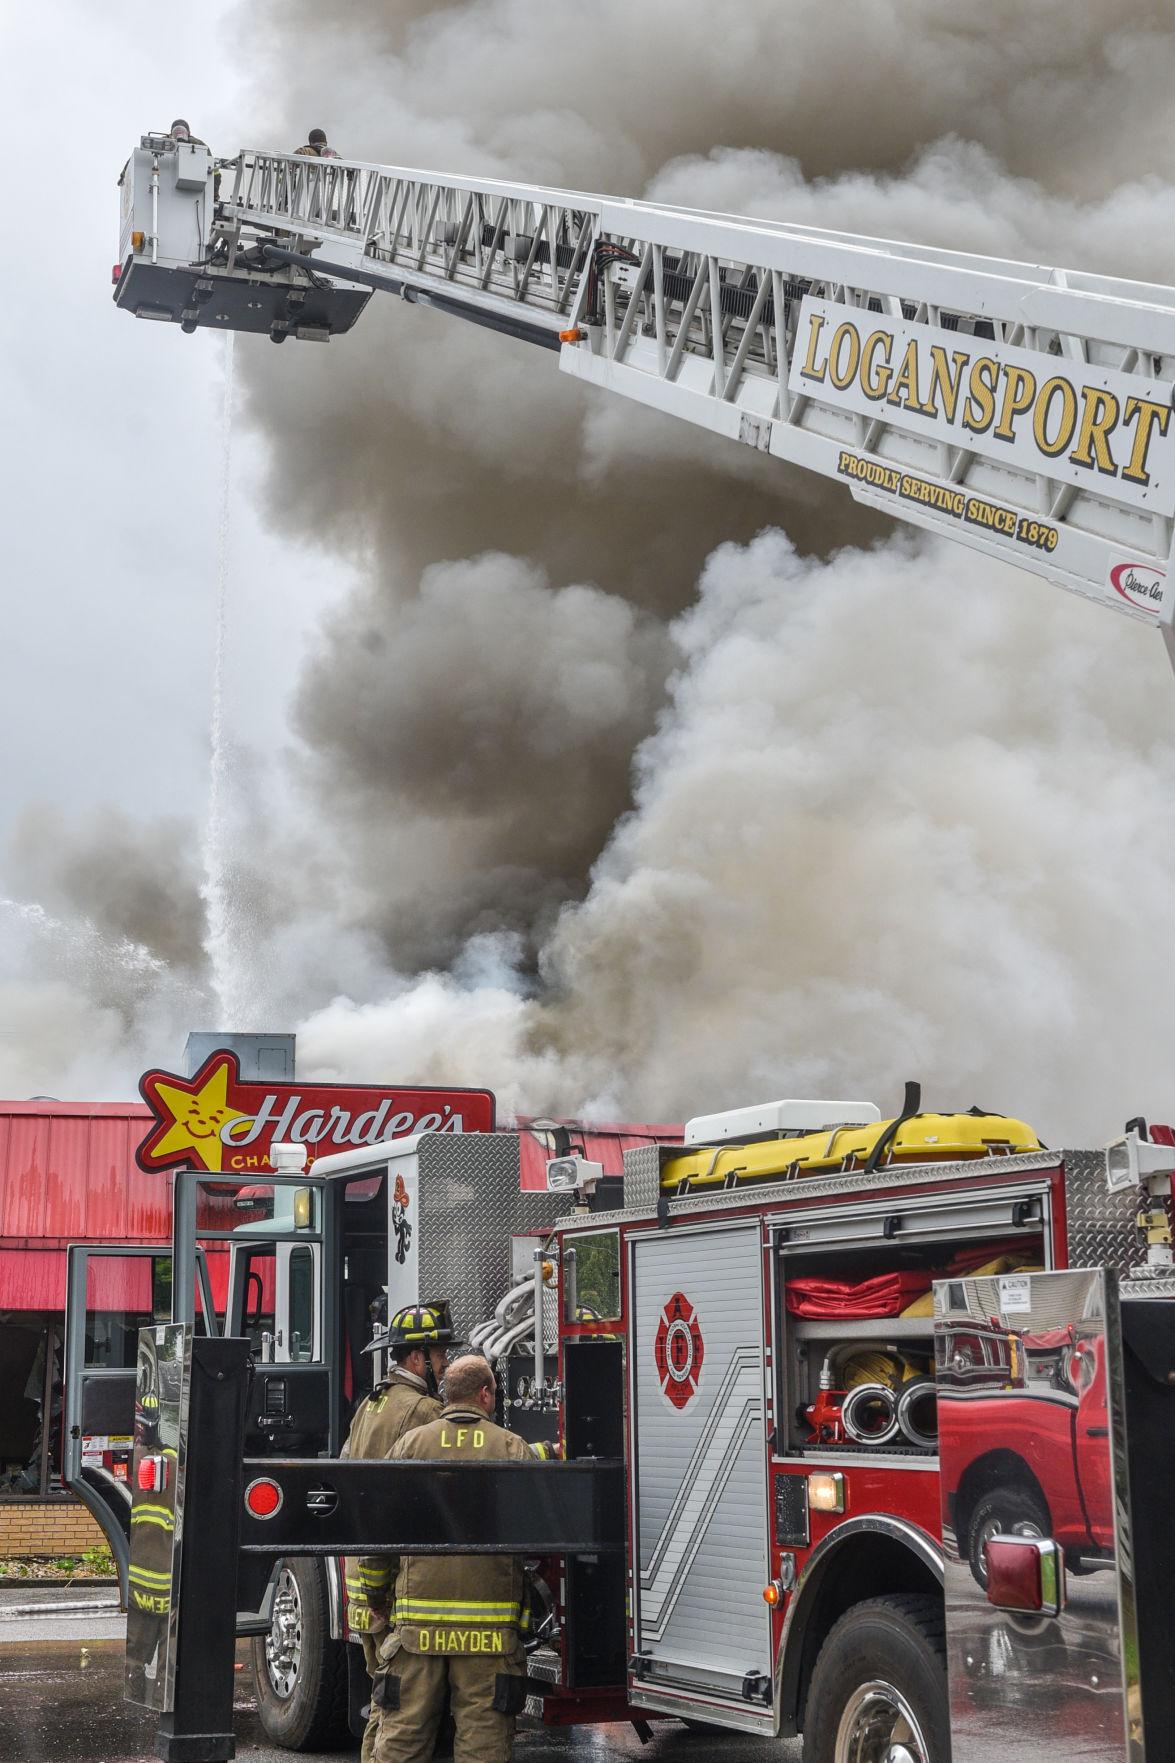 Fire destroys Hardee's